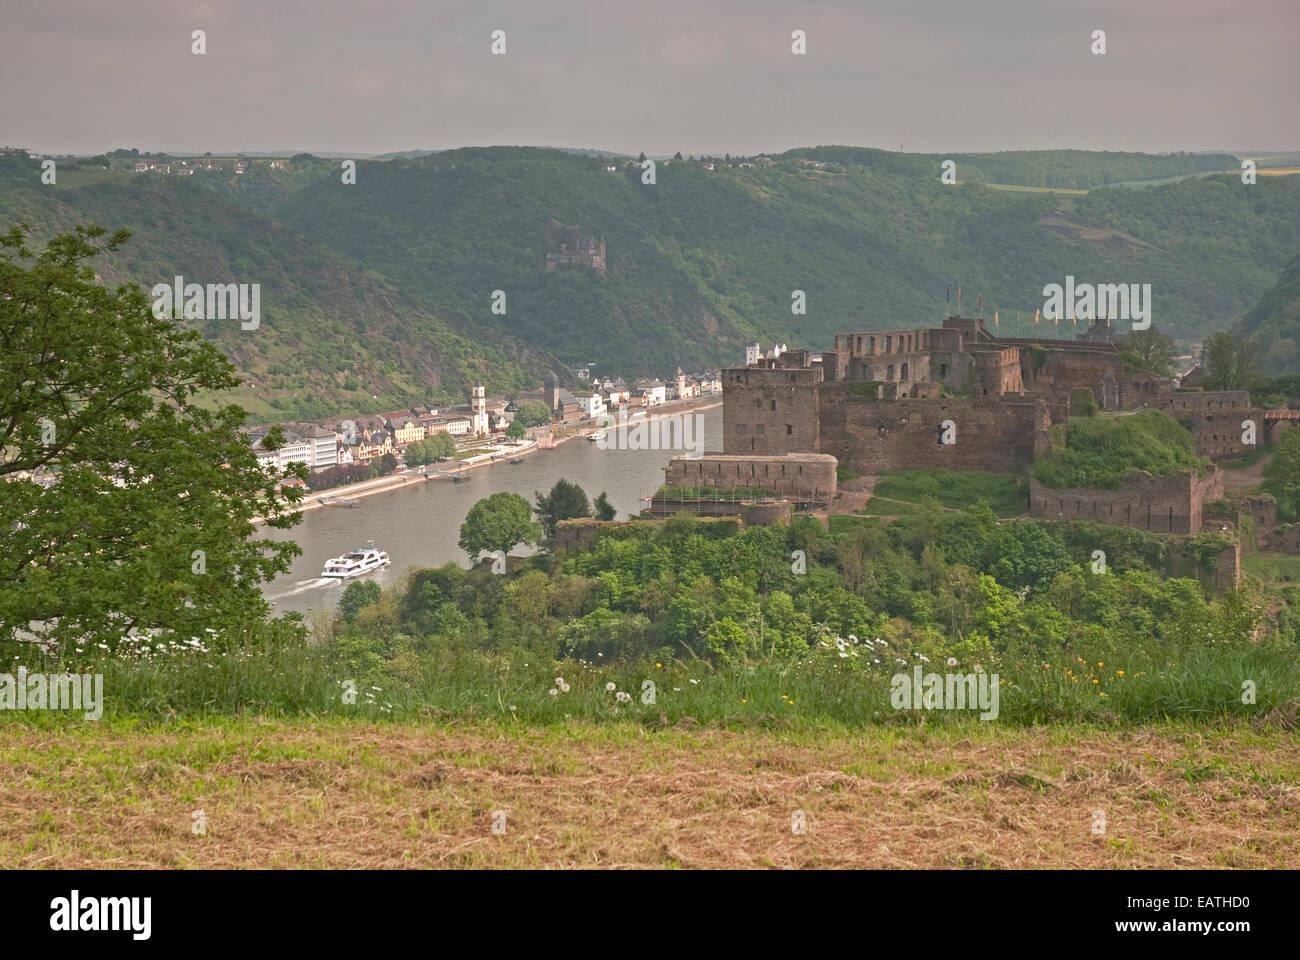 Burg Rhein Fels Burg, Rhein und St. Goarshausen und Burg Katz im Hintergrund im Rheintal in der Nähe von St. Stockbild